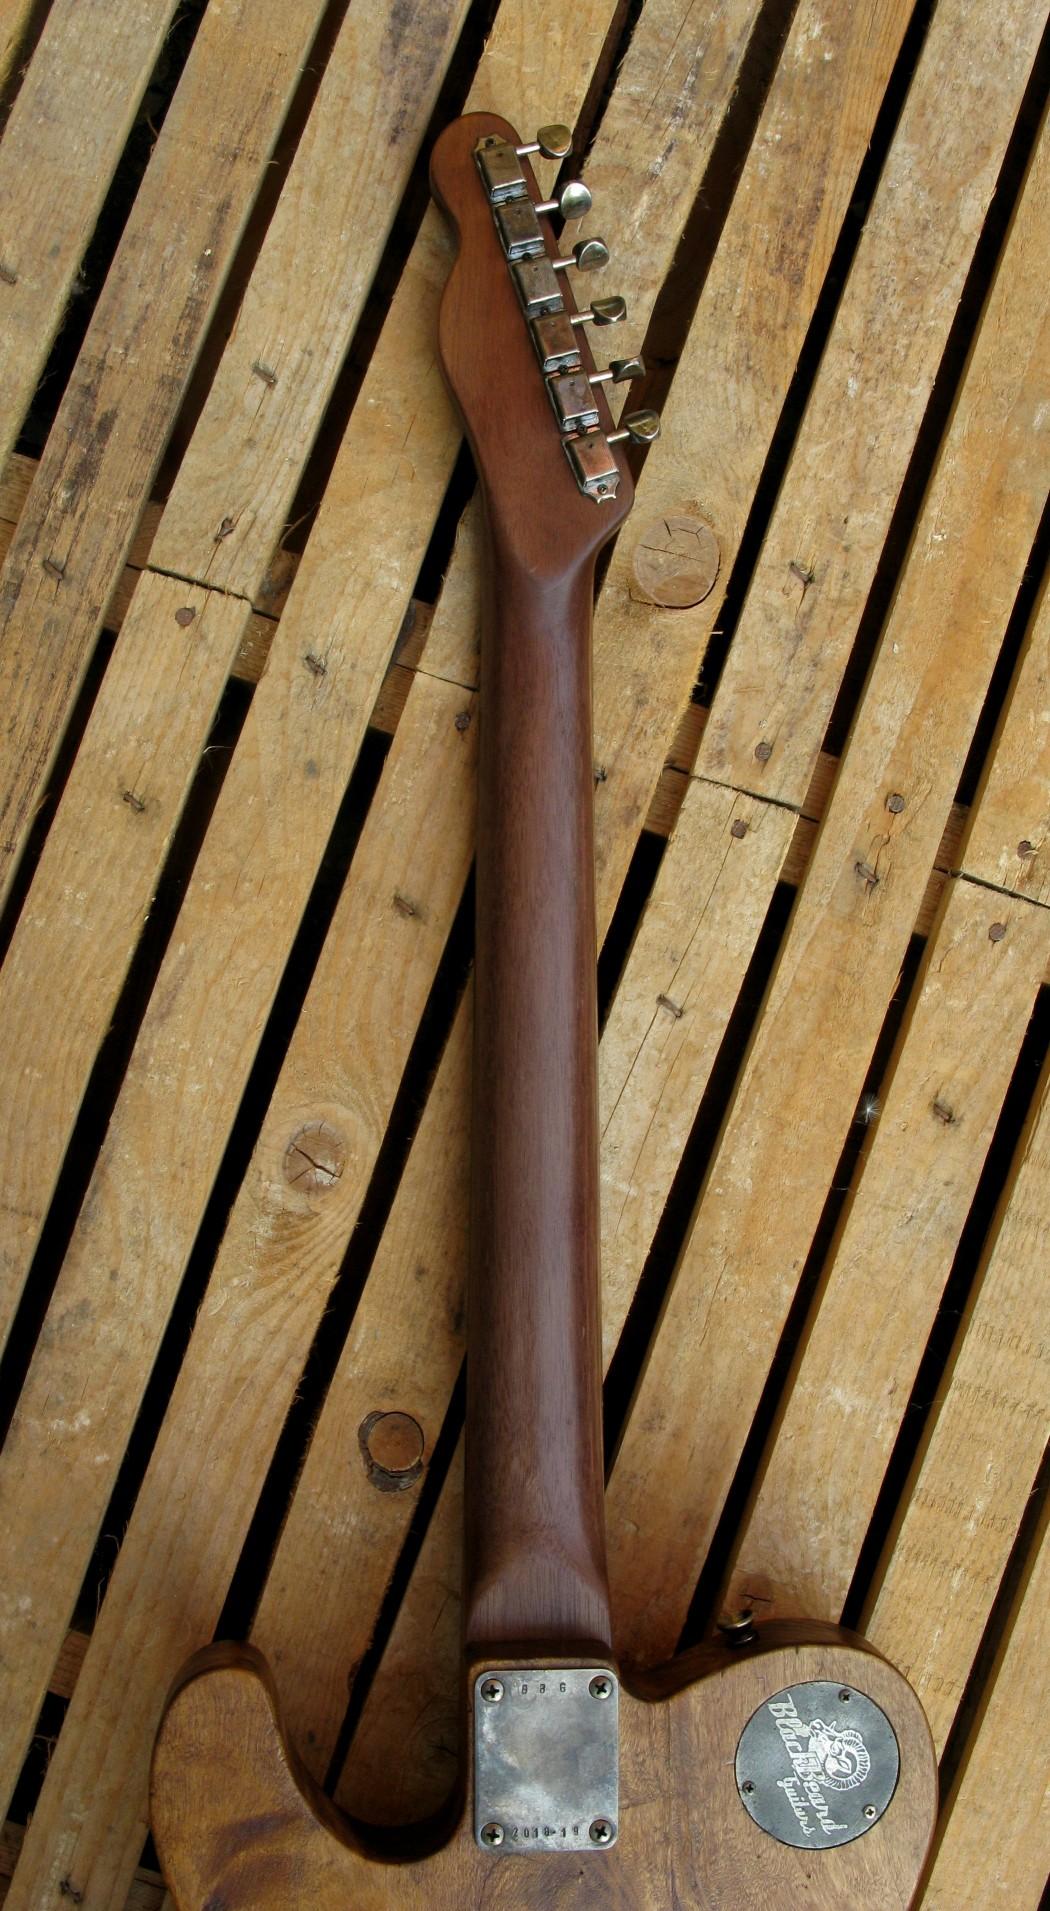 Manico in noce di una chitarra Telecaster in pioppo antico